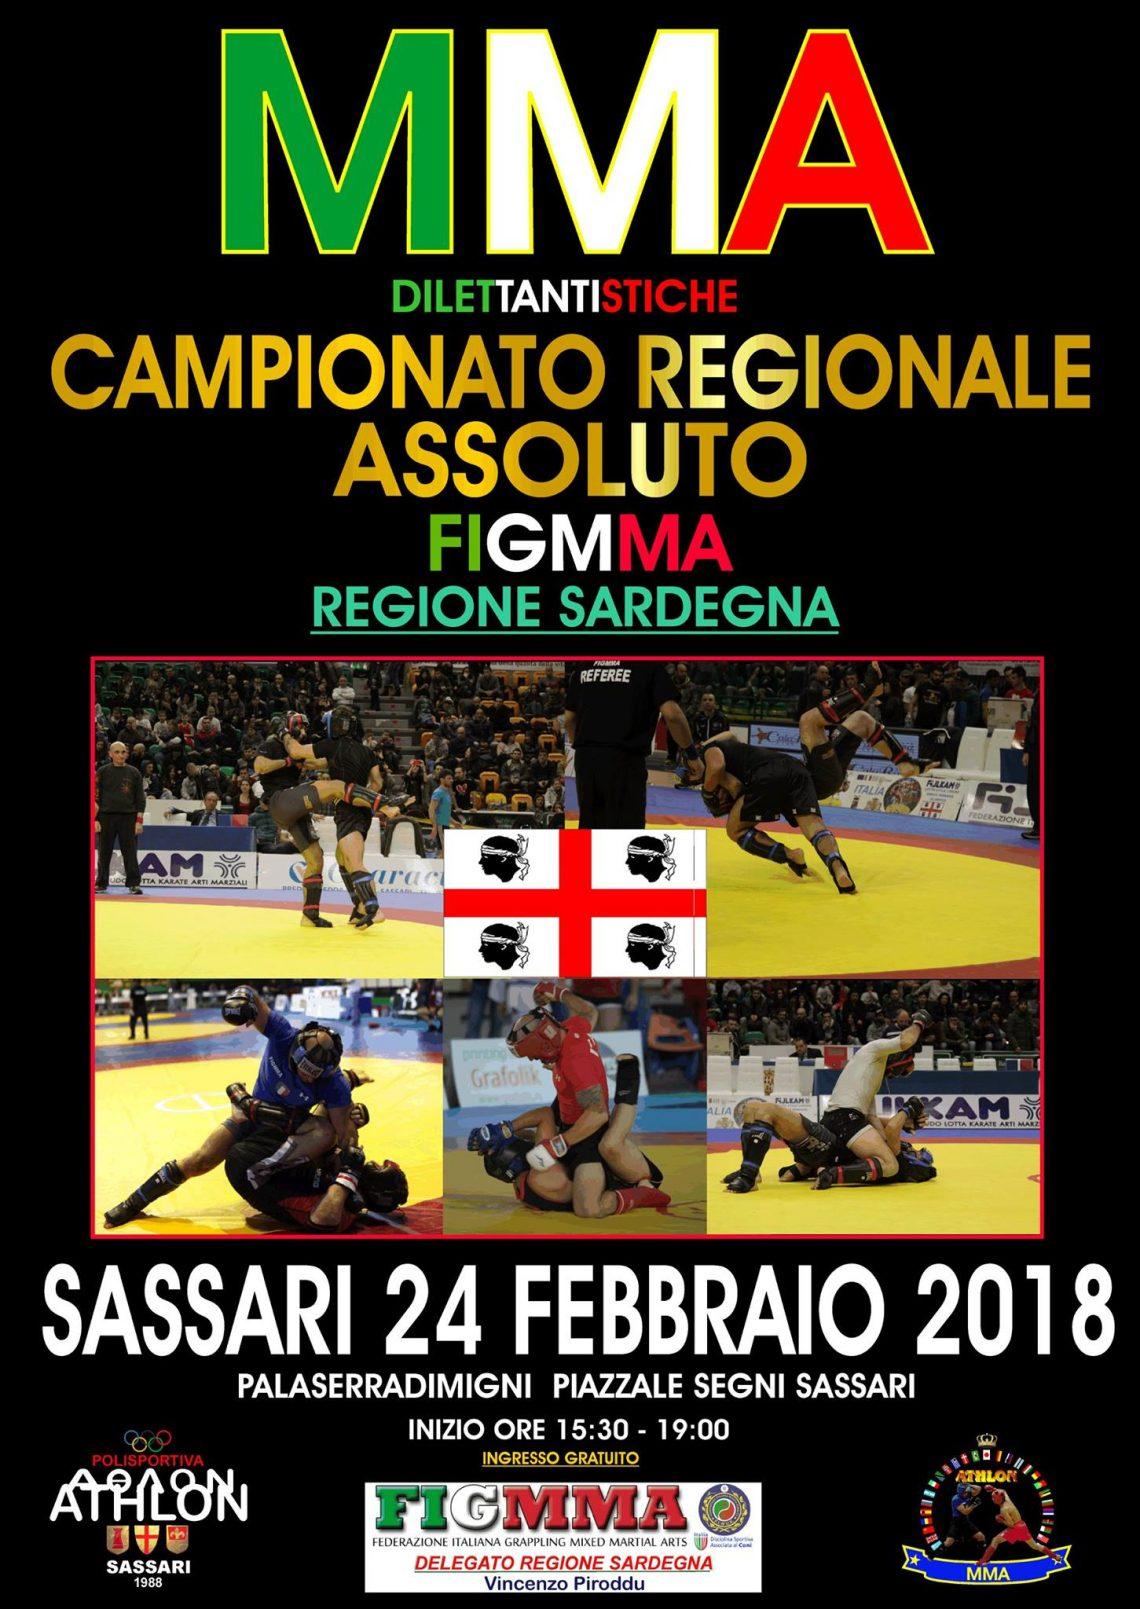 MMA dilettantistiche - Campionato regionale Assoluto Sardegna (FigMMA) 1